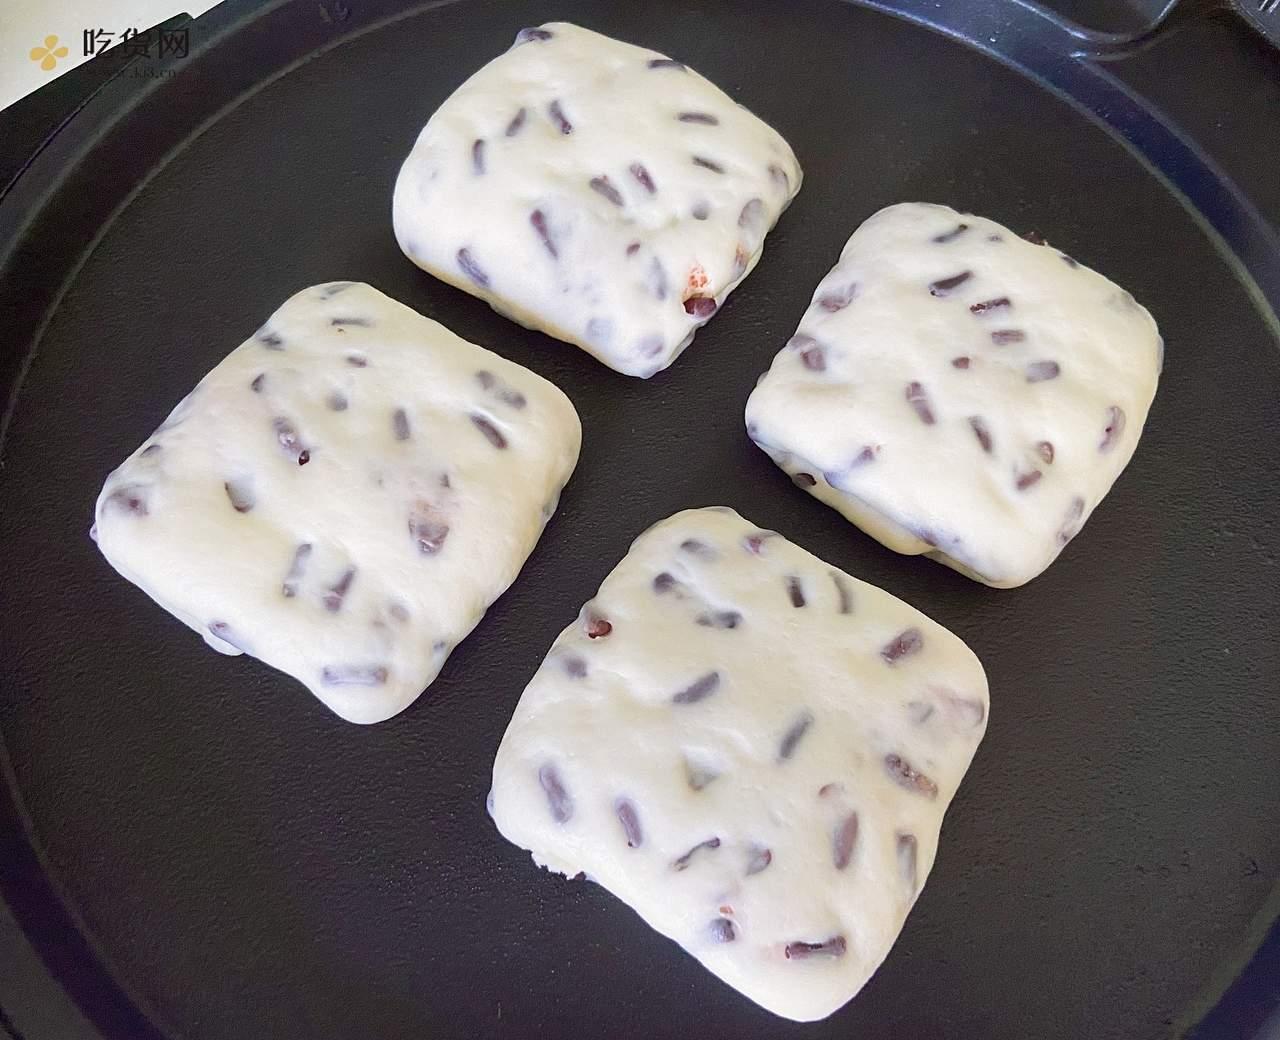 无油奶香蜜豆烤饼  这样做外皮酥脆   内里暄软   凉了都好吃   附细节视频的做法 步骤6